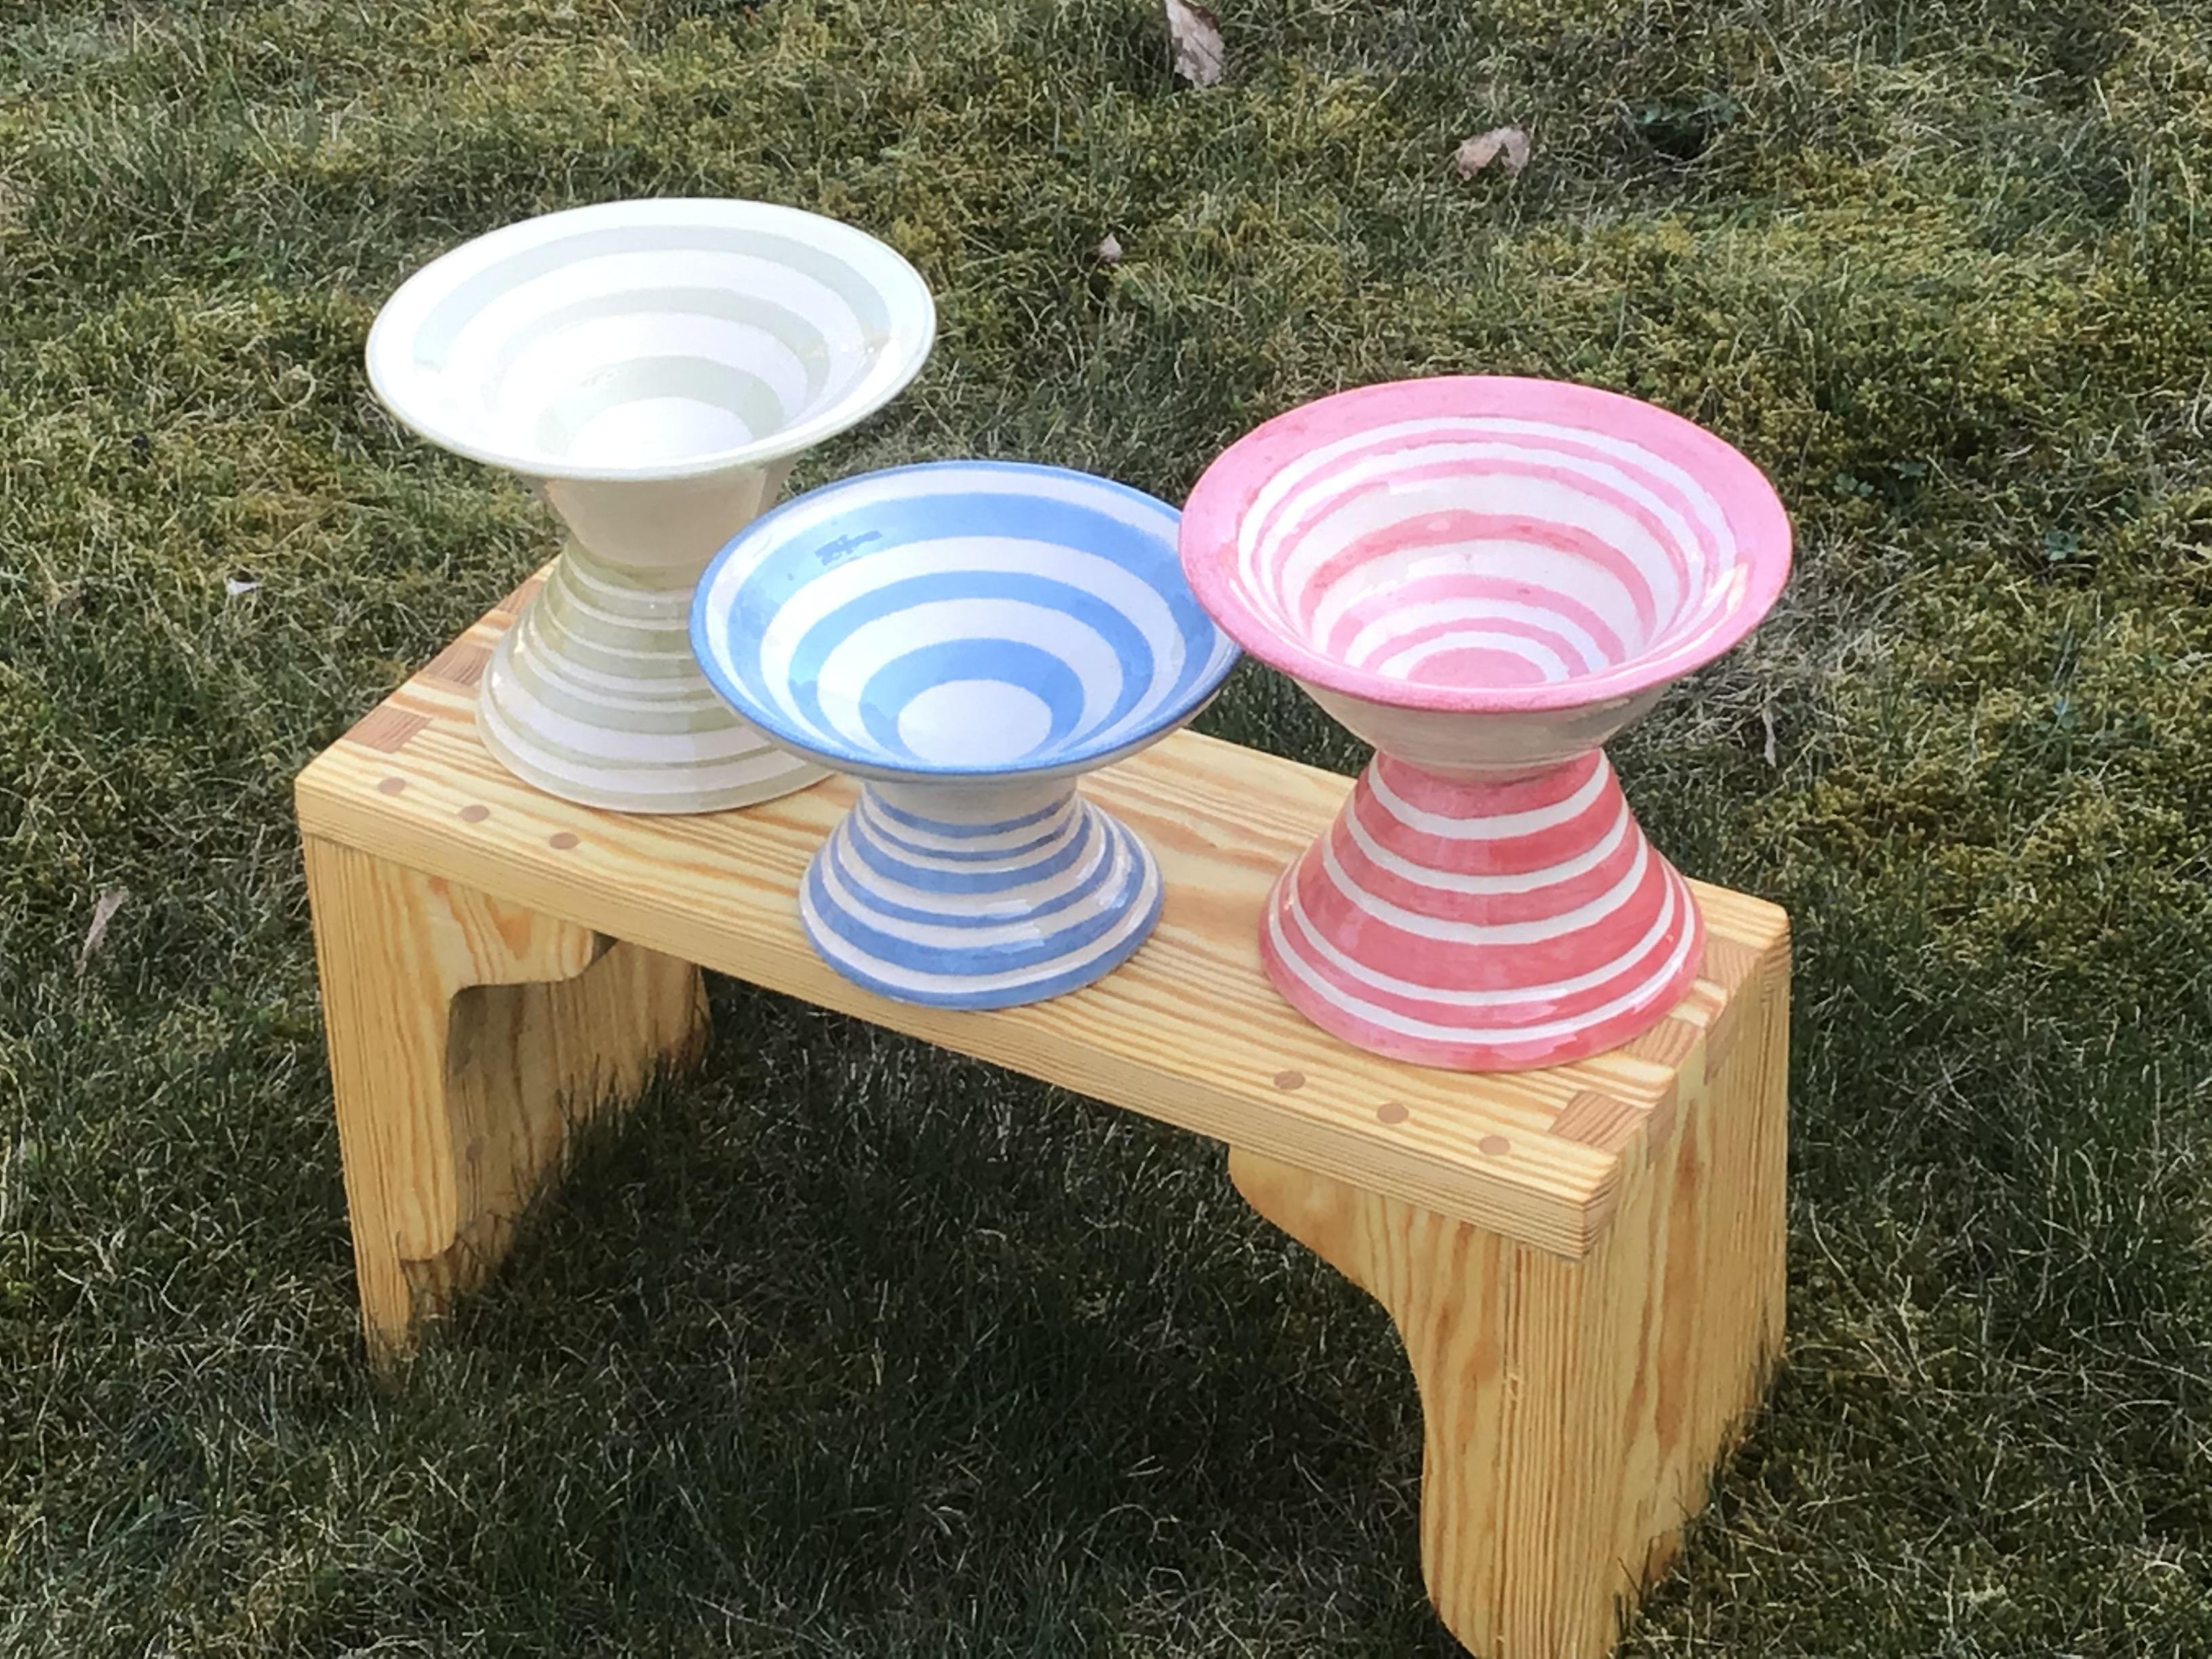 Tre drejade keramikskålar på fot, med horisontella linjer i grönt, blått och rosa.